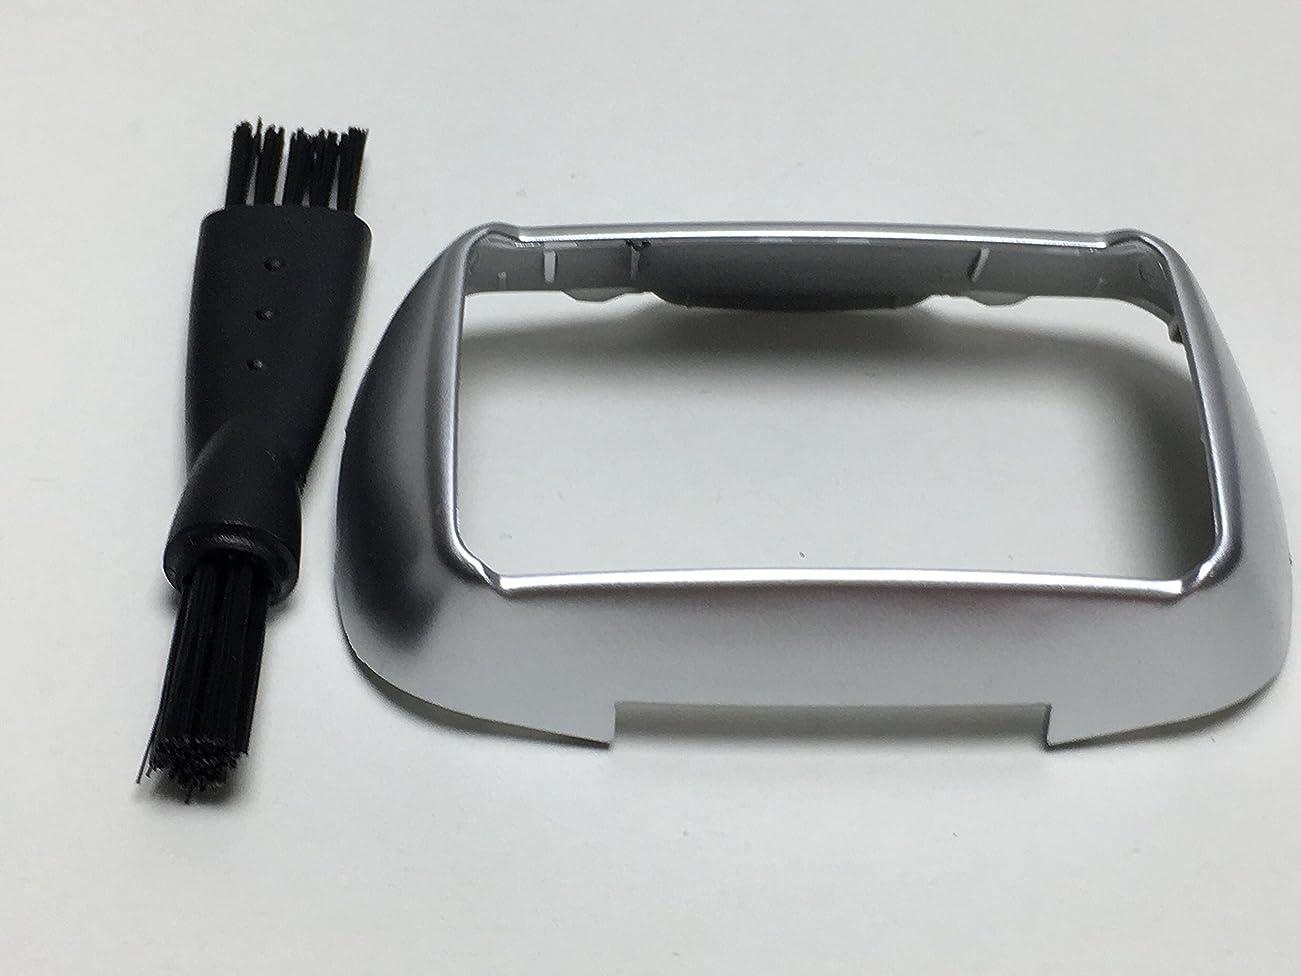 エレガント効率的イディオムシェービングカミソリヘッドフレームホルダーカバー For Panasonic Arc5 ES-ELV9 ES-LV94 ES-LV96 ES-LV96-S ES-CLV96 ES-LV95 ES-LV95-S ES-LV9A-S ES-LV9B-S メンズ シェーバー Shaver Razor Head Frame Holder Cover シルバー